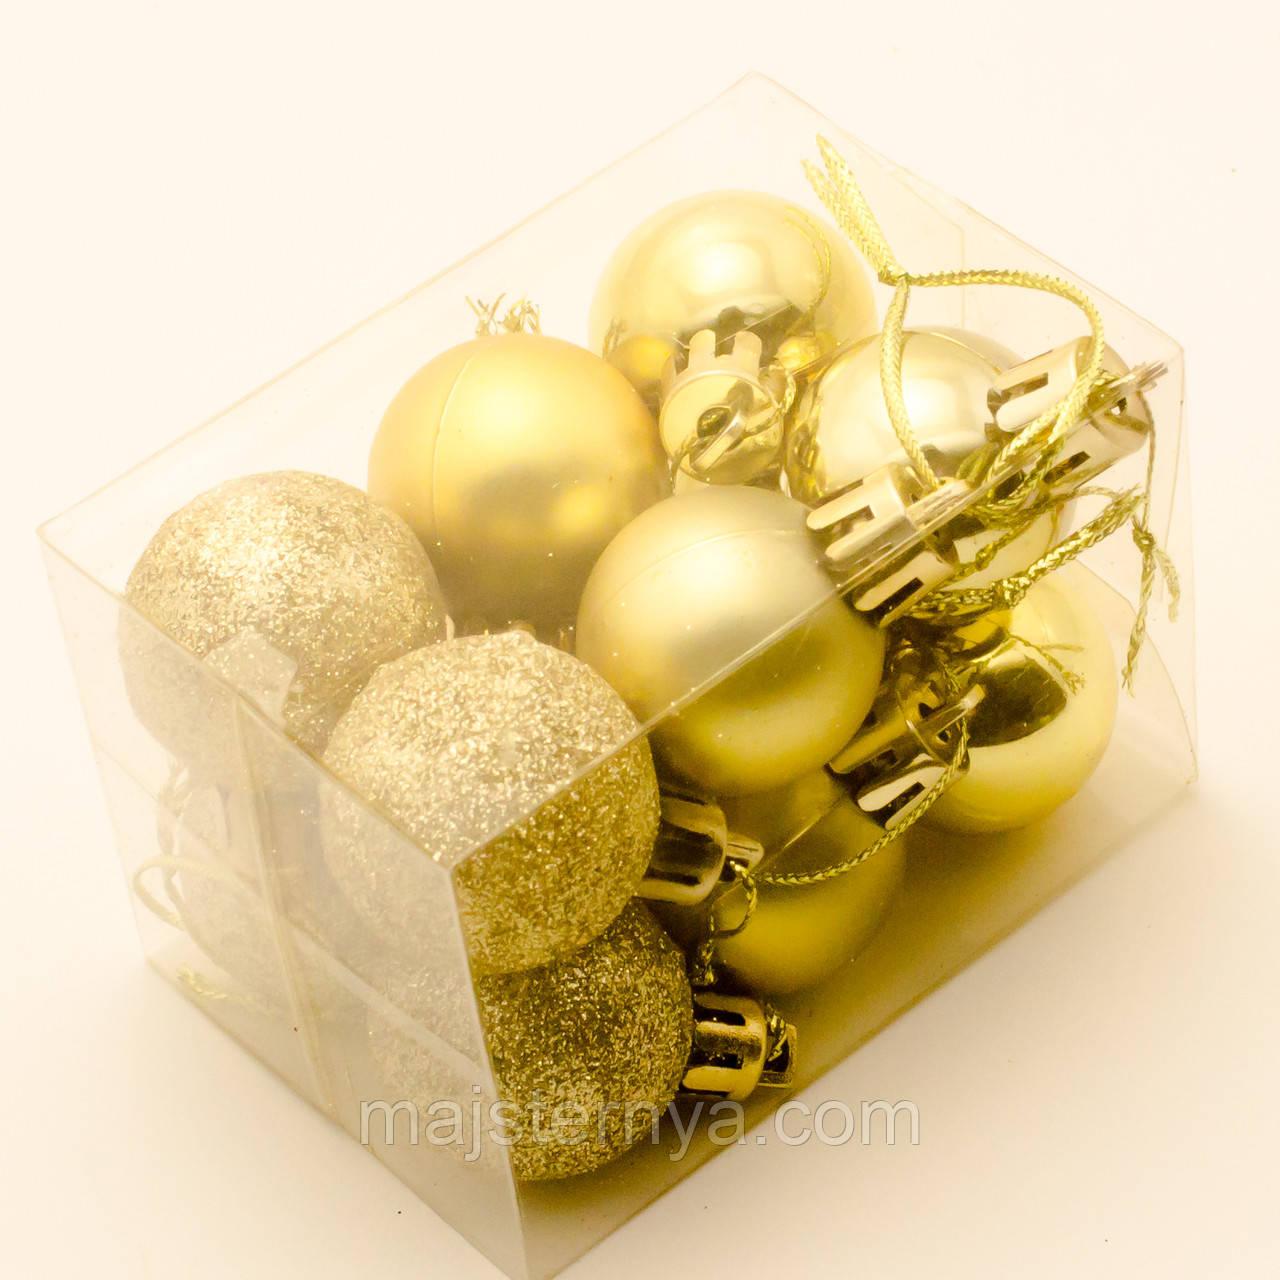 Новорічні іграшки на ялинку - кулі 6см (12шт в упаковці) золотого кольору